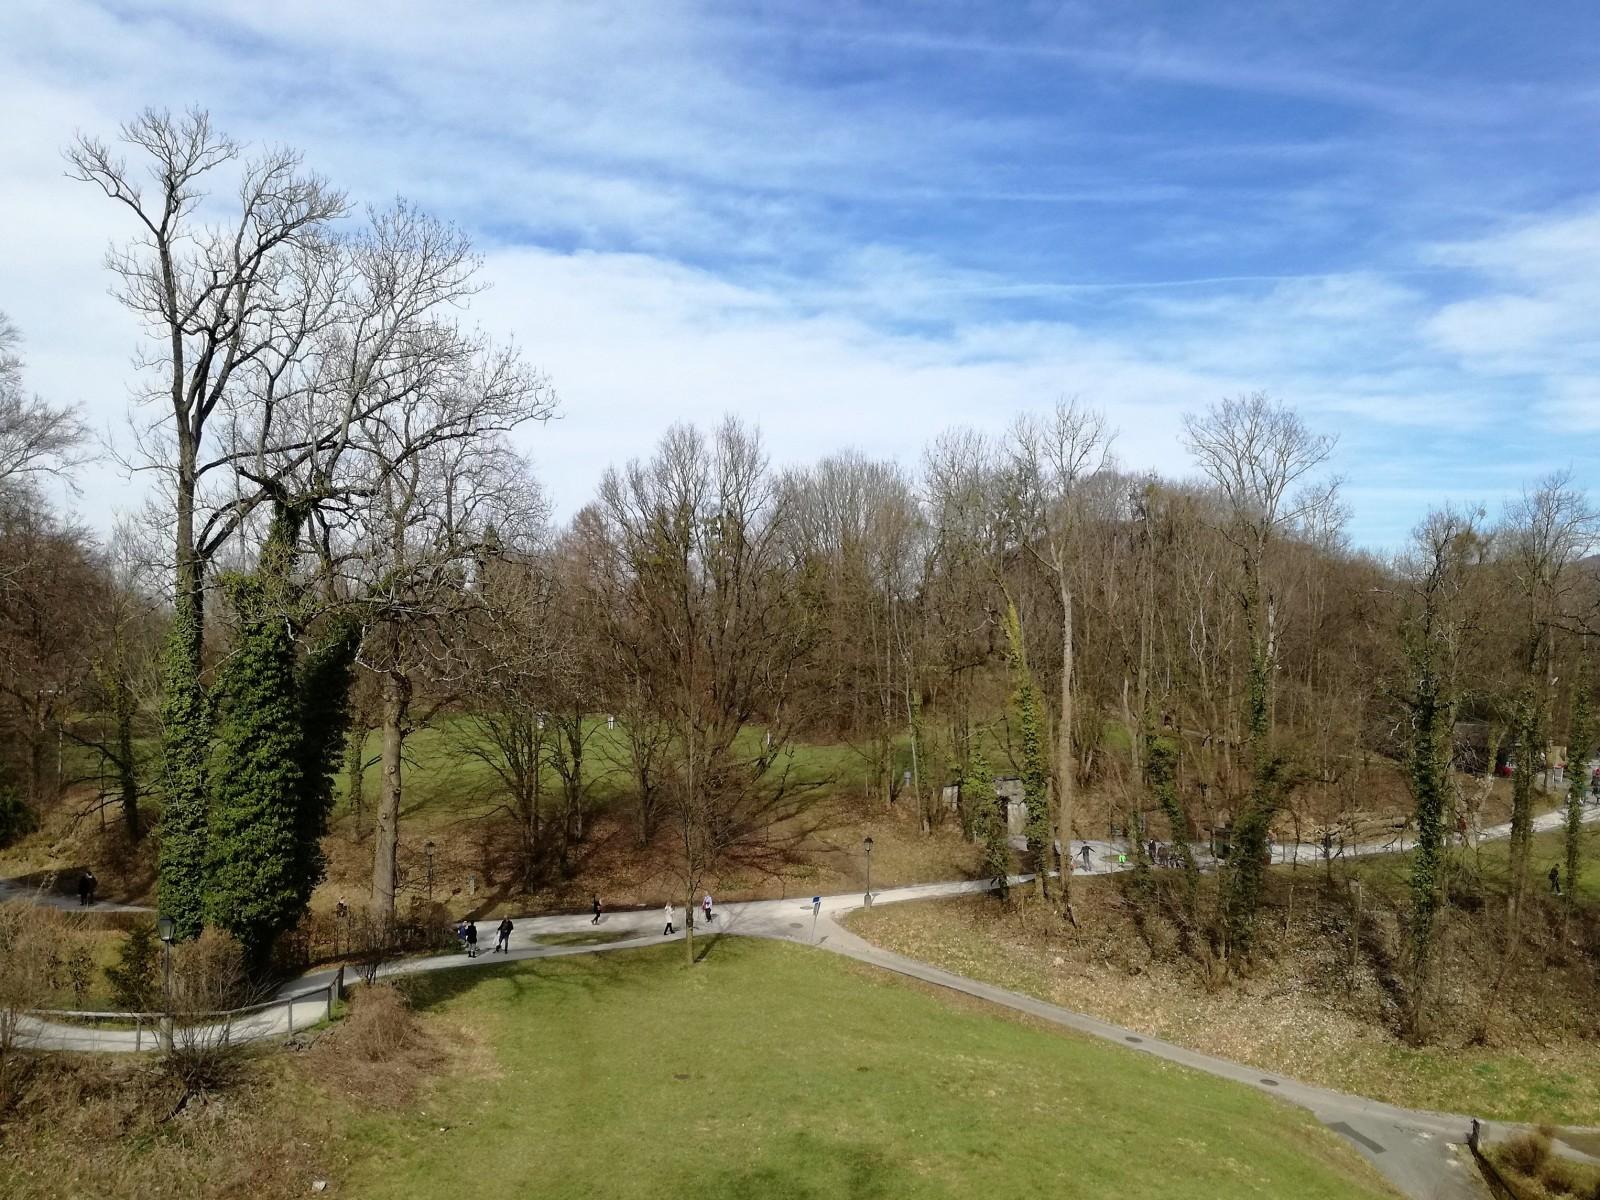 Der Mönchsberg ist von zahlreichen Wegen durchzogen